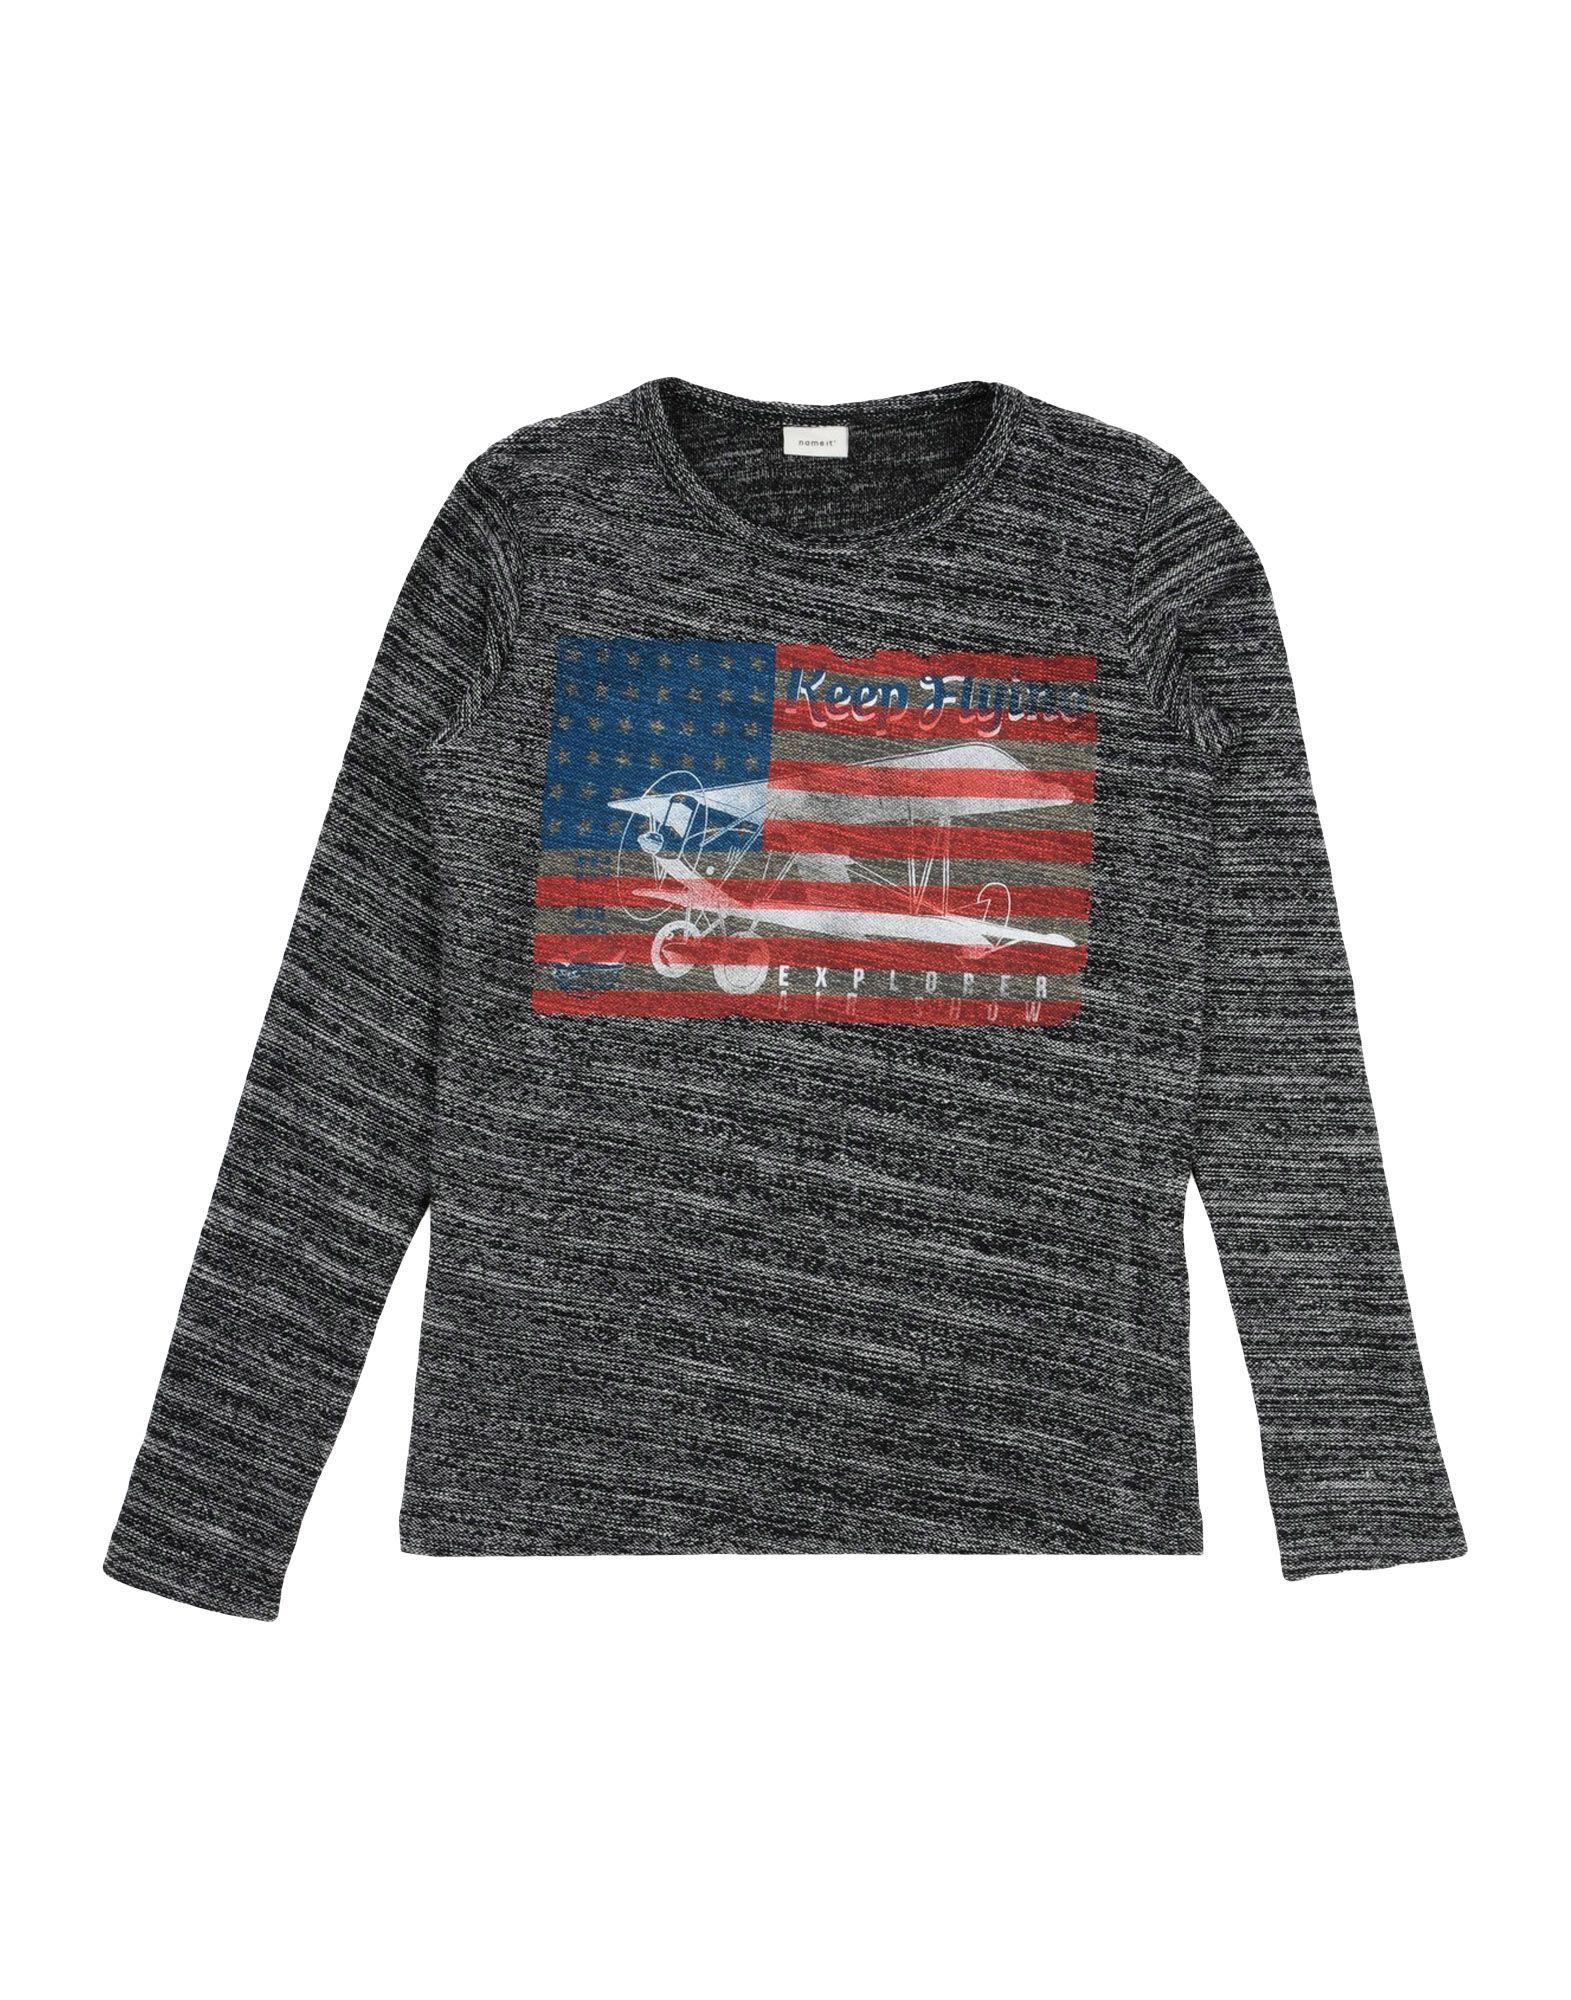 NAME IT® Jungen 9-16 jahre Sweatshirt3 schwarz